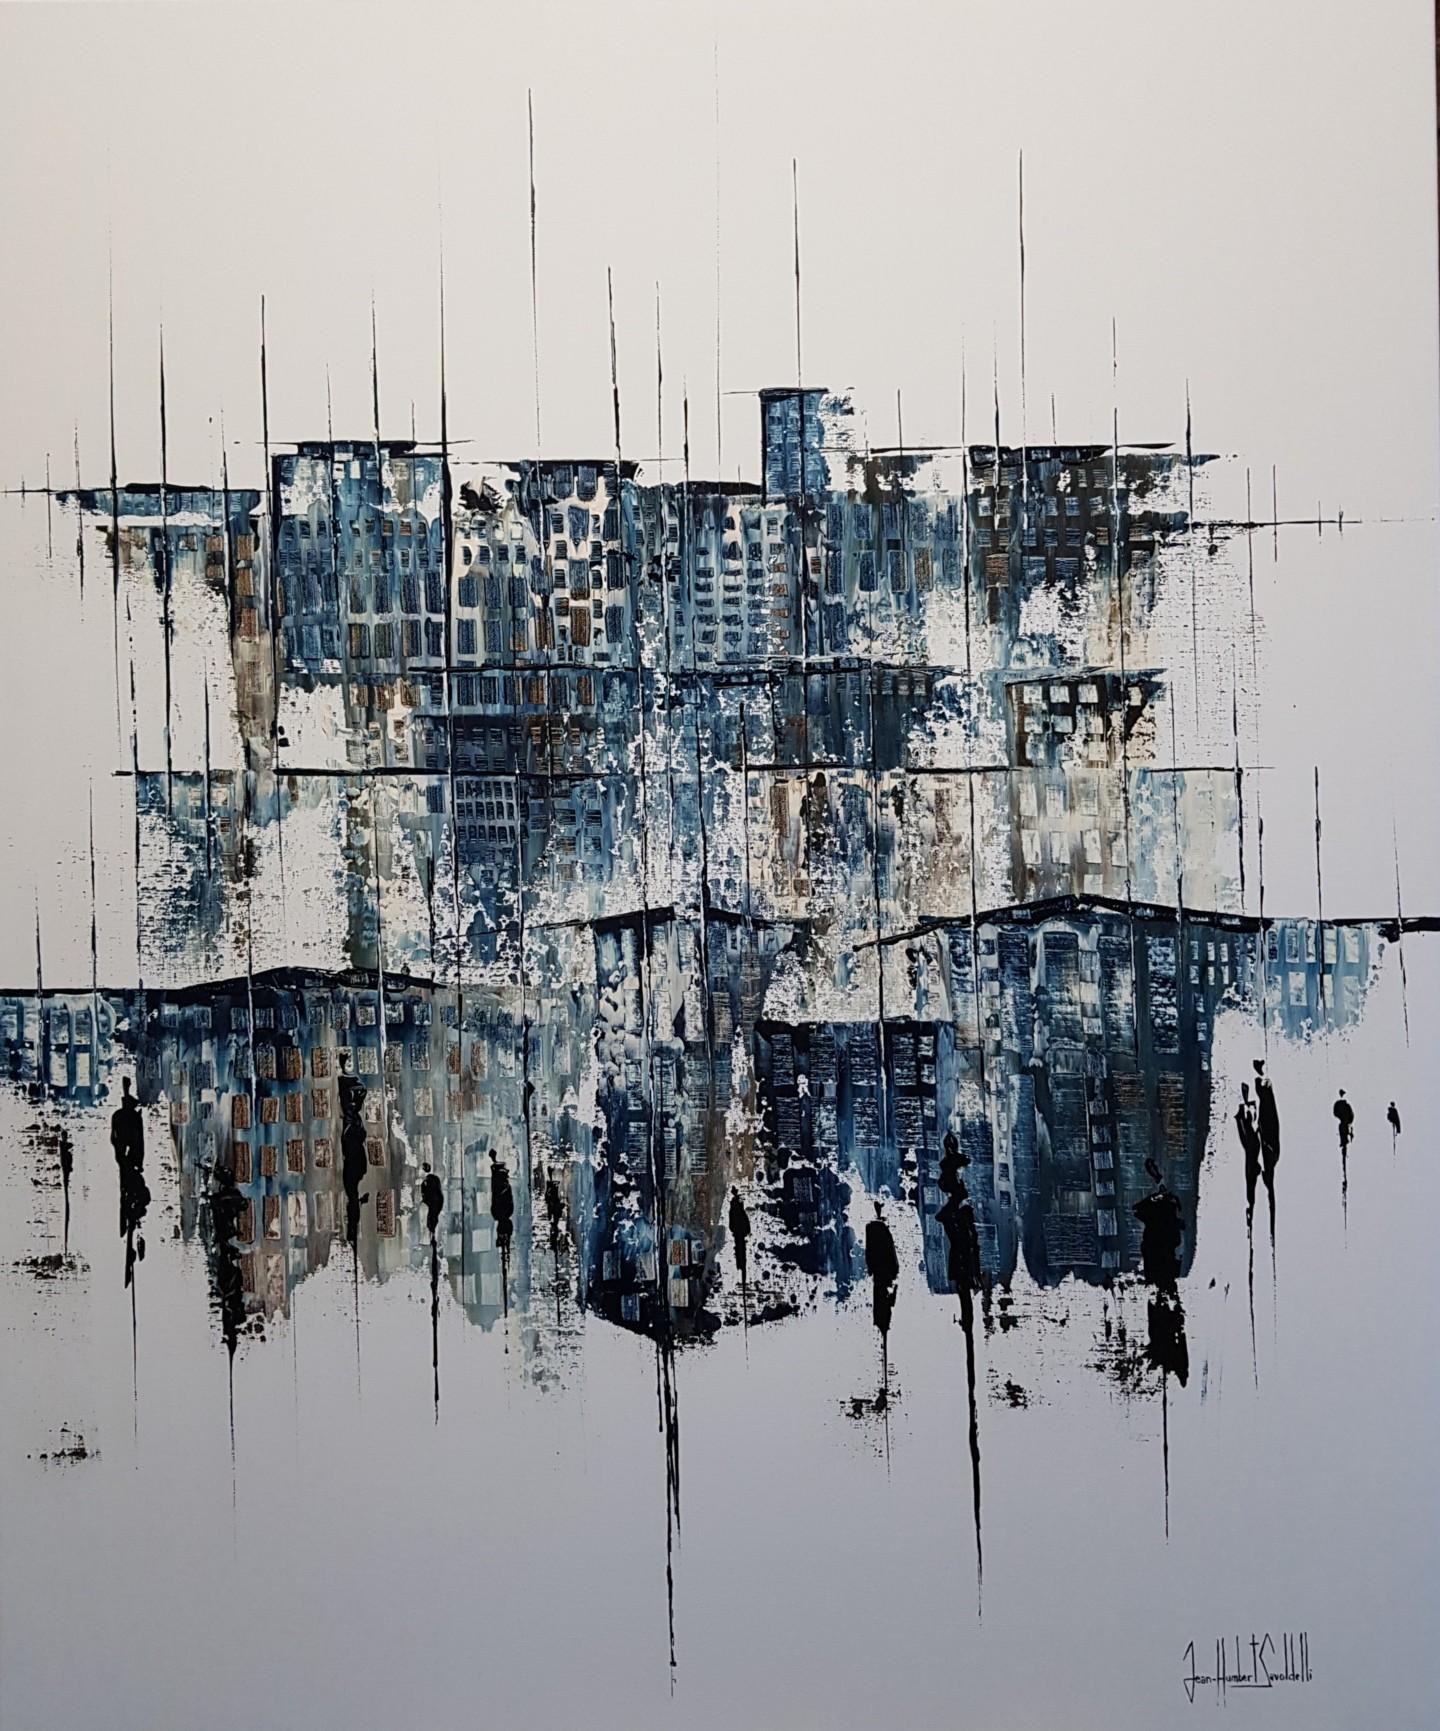 JEAN-HUMBERT SAVOLDELLI - ARCHI BLUE